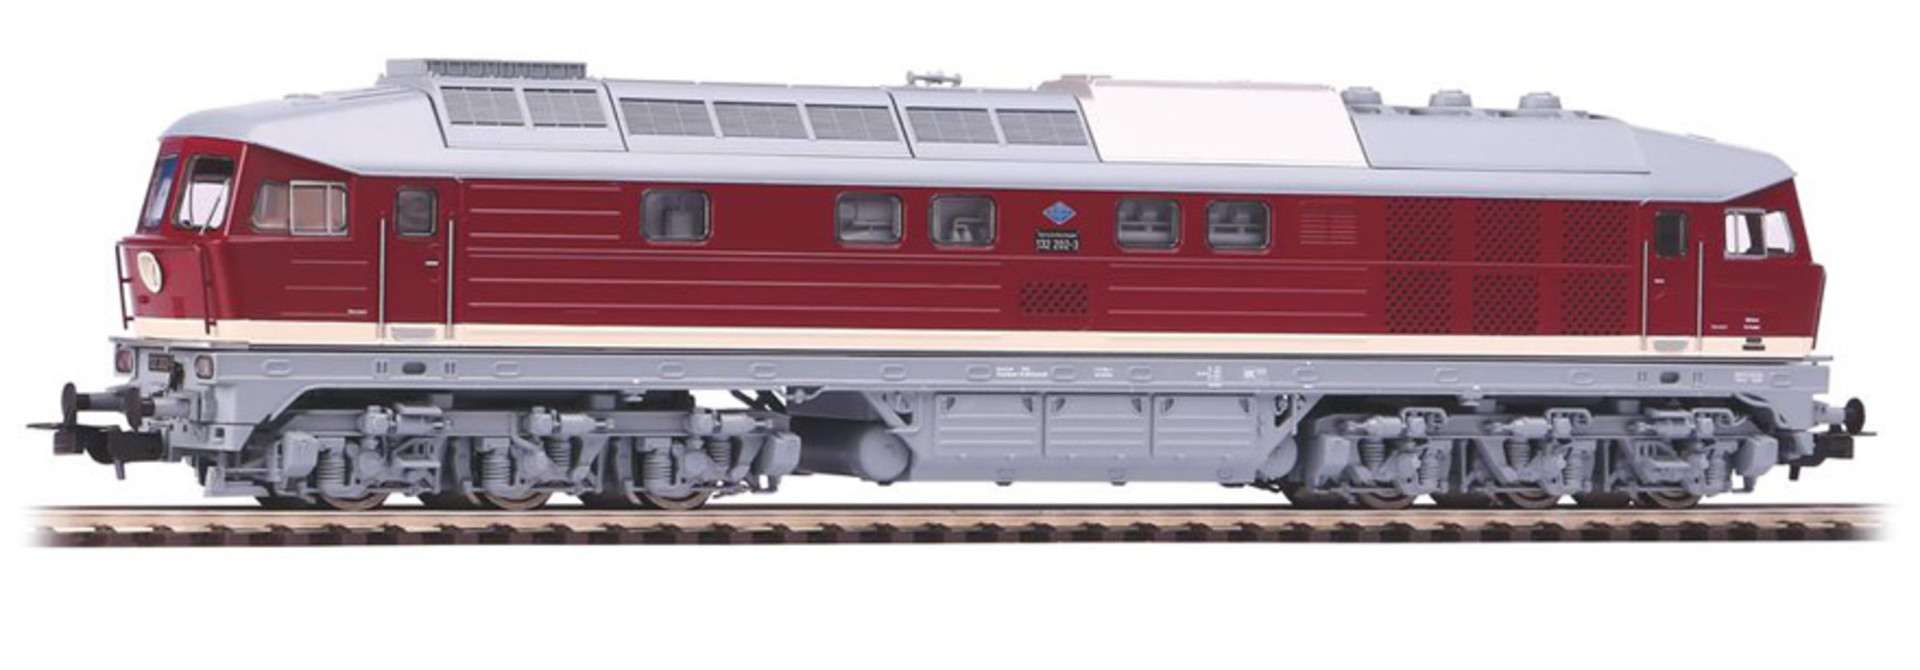 52761 Diesellok BR 132 DR, Ep. IV, AC